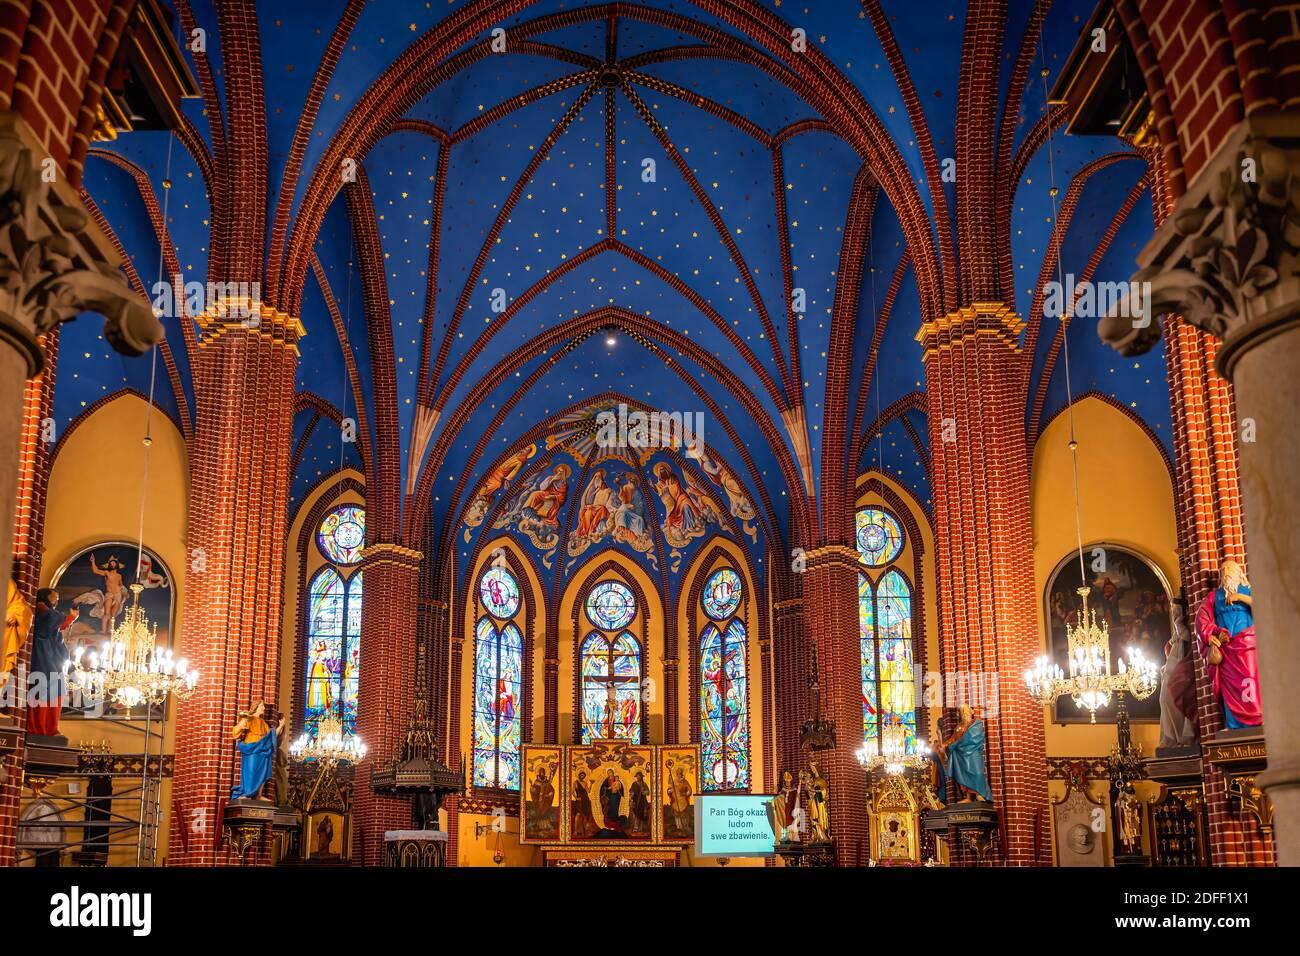 Szczecin, Pologne, juin 2019 magnifique intérieur et autel dans une basilique de moindre importance, paroisse catholique romaine de Saint-Jean-Baptiste, fondée en 1888 Banque D'Images